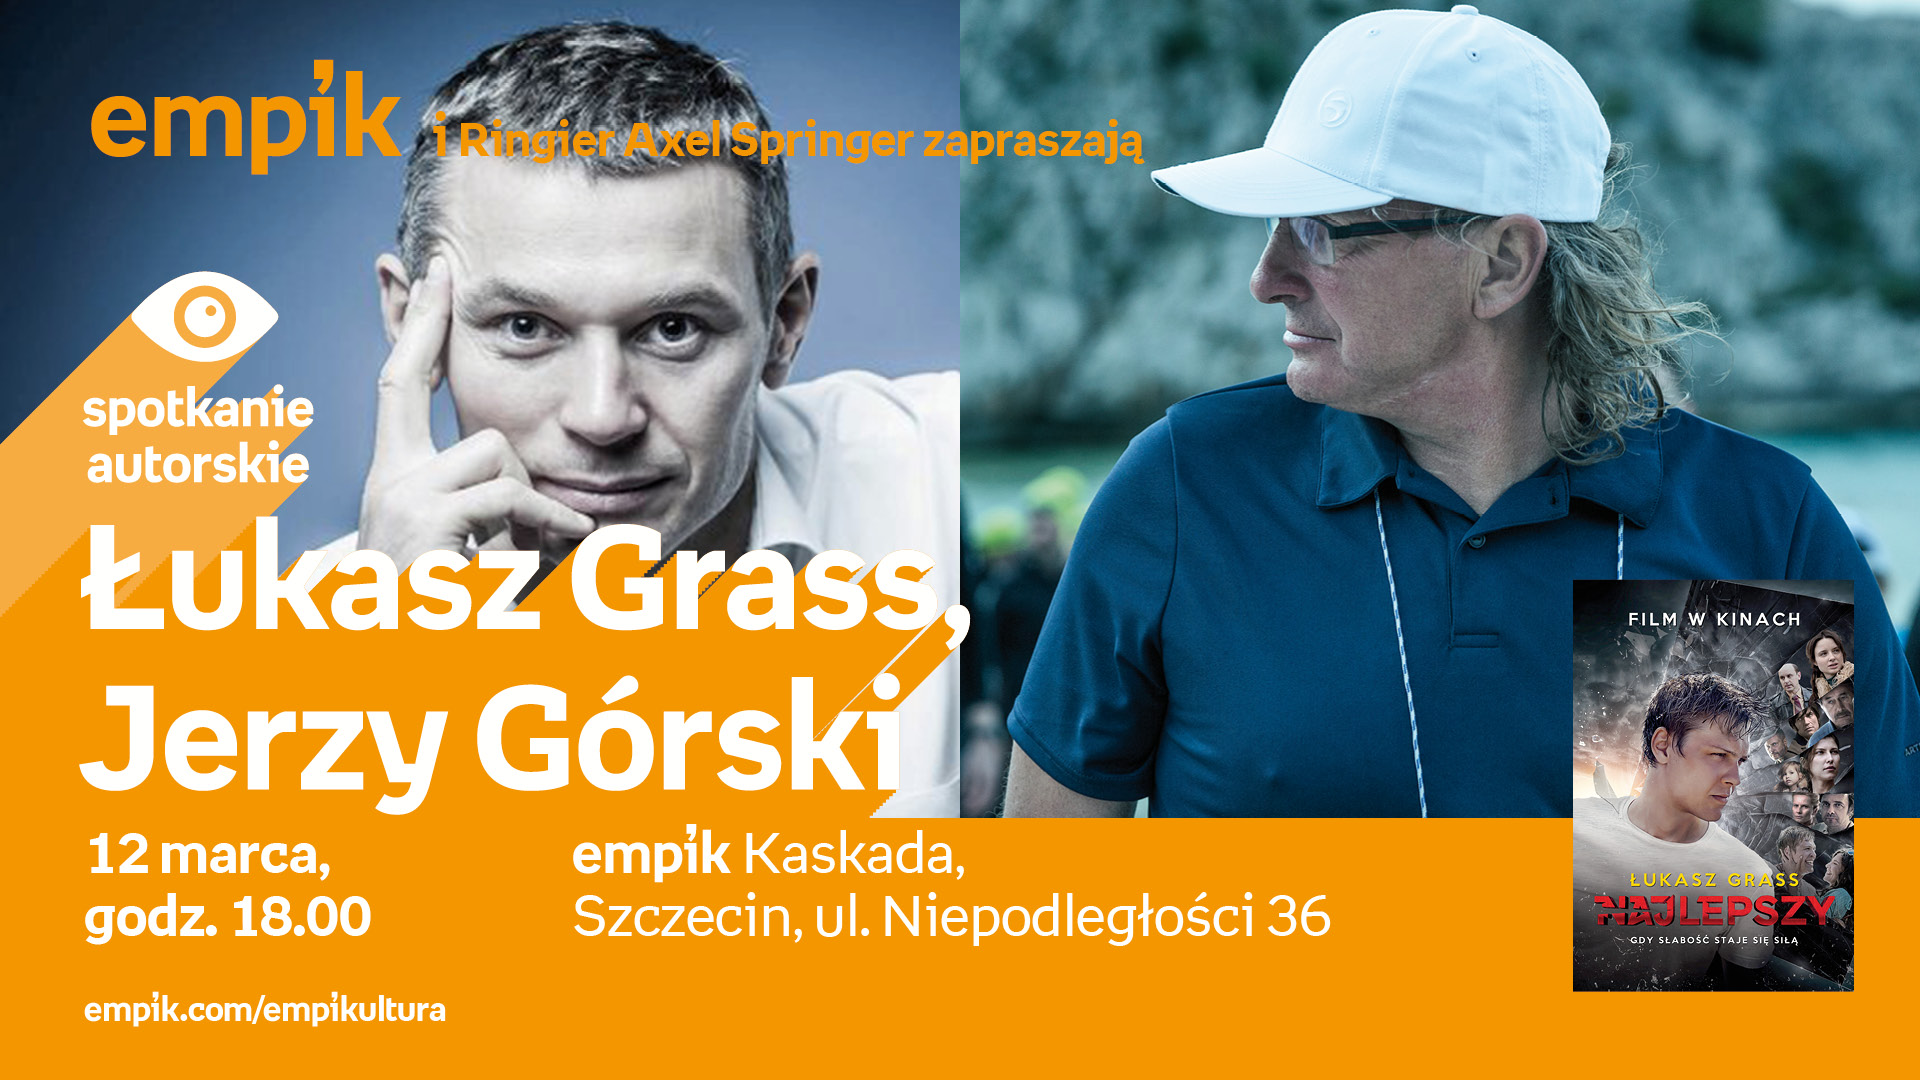 Spotkanie autorskie: Łukasz Grass, Jerzy Górski - Odwołane